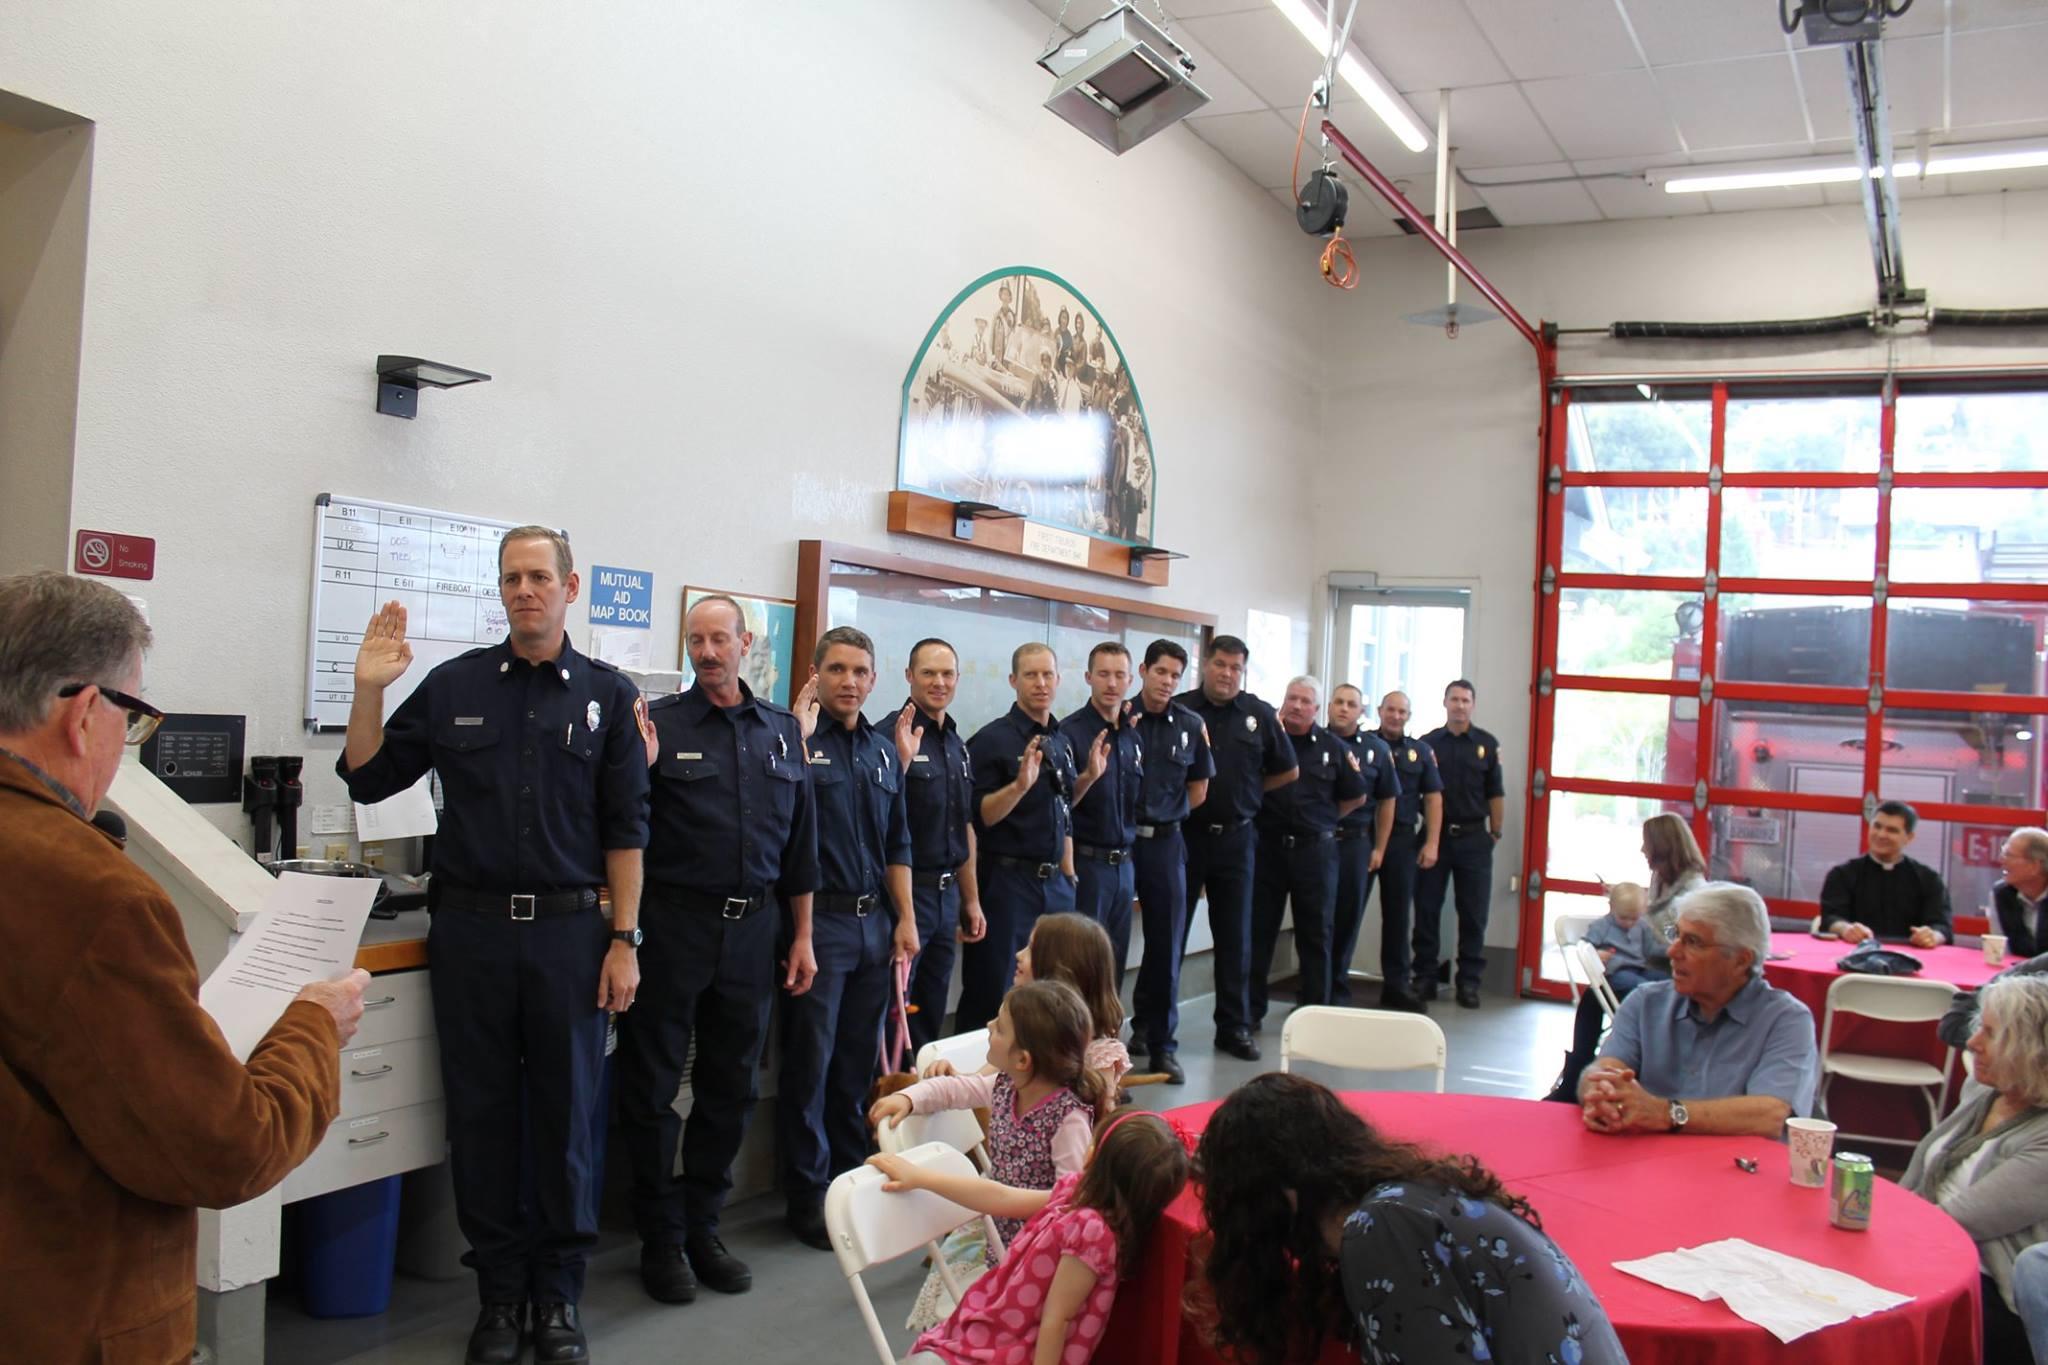 Tiburon Fire District